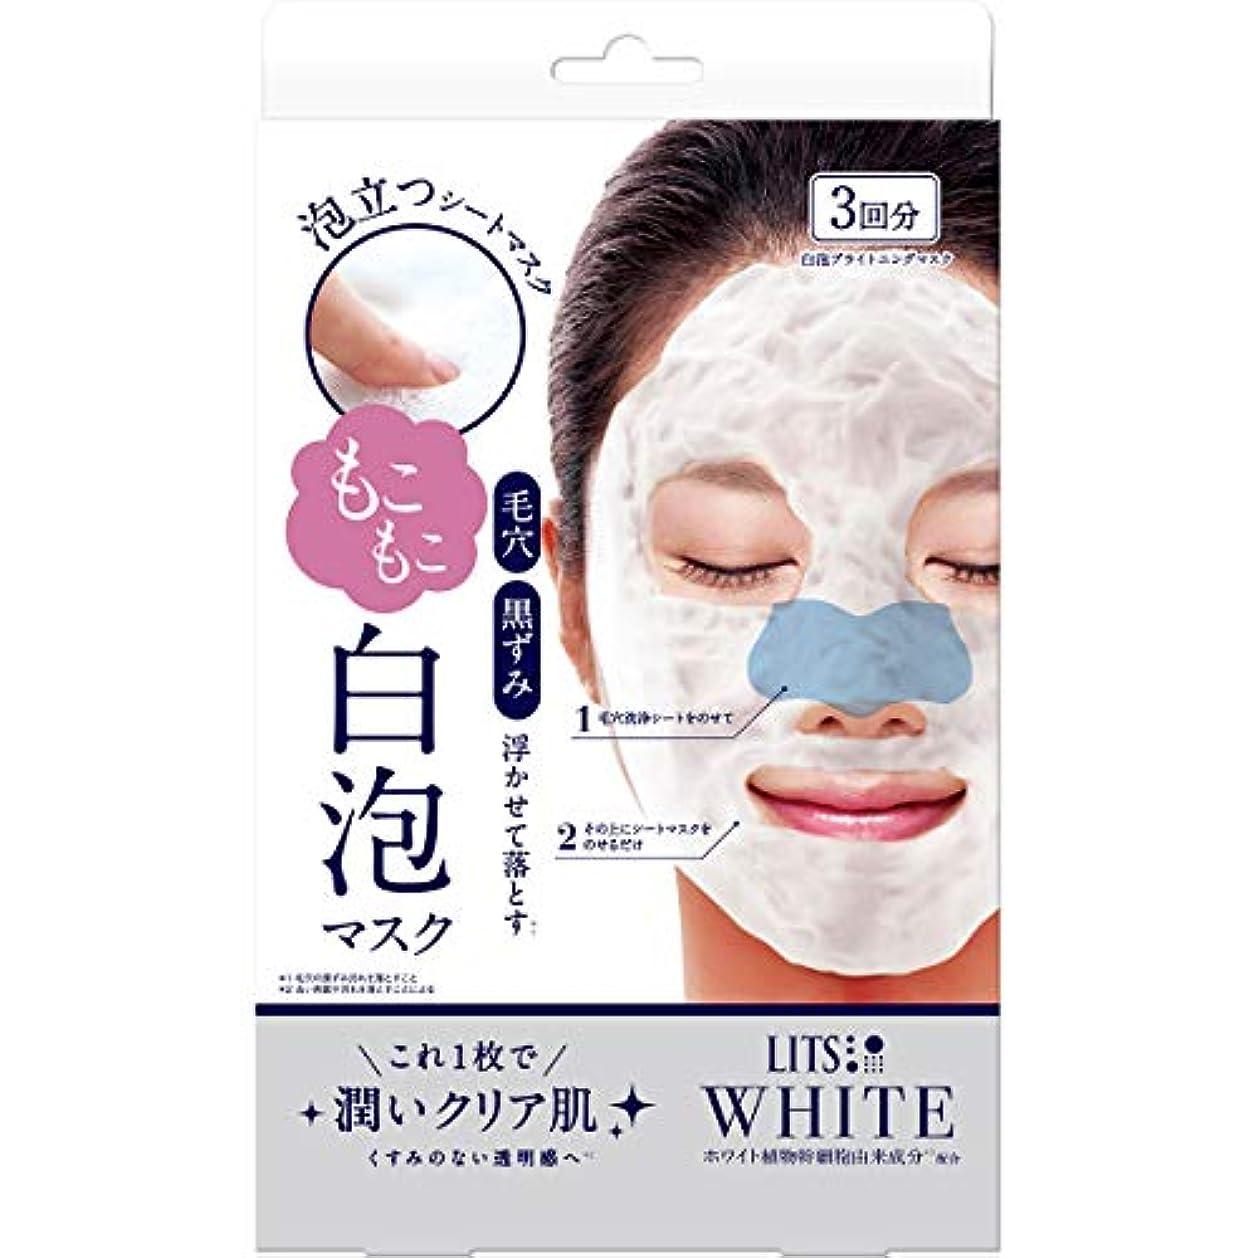 くすぐったい与える柔らかさリッツ ホワイト もこもこ白泡マスク 3枚